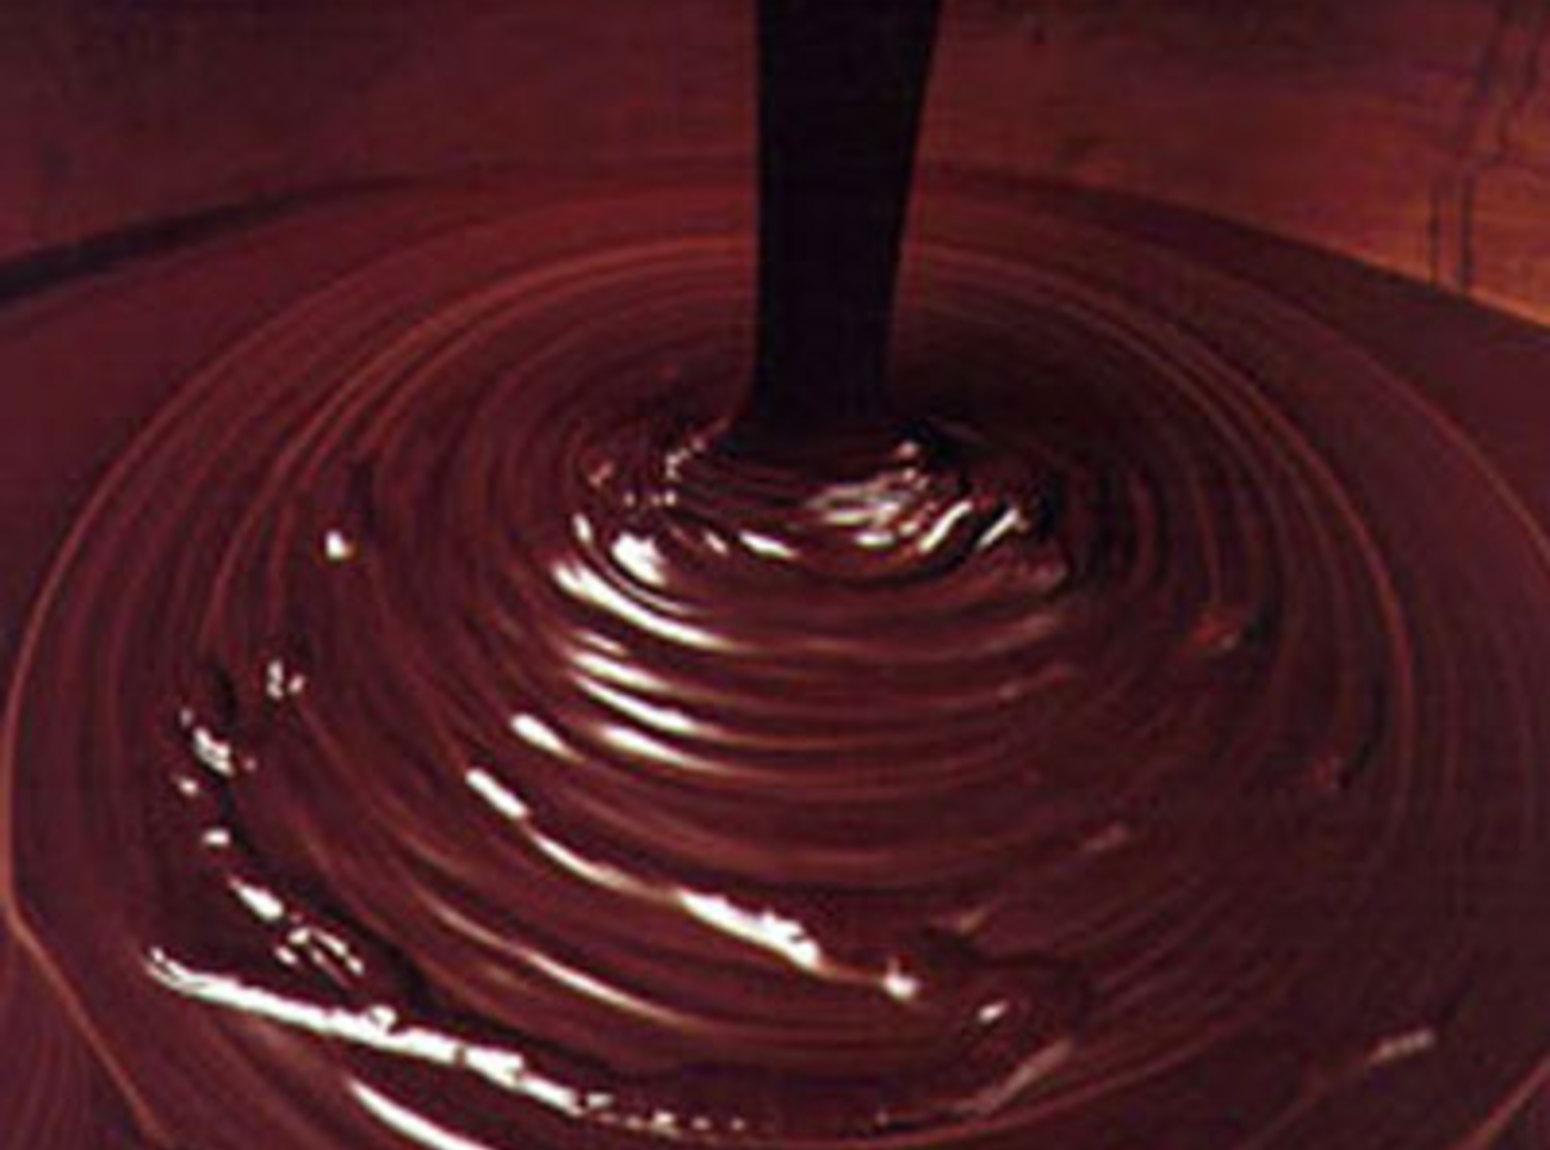 A Rich Chocolate Sauce Recipe